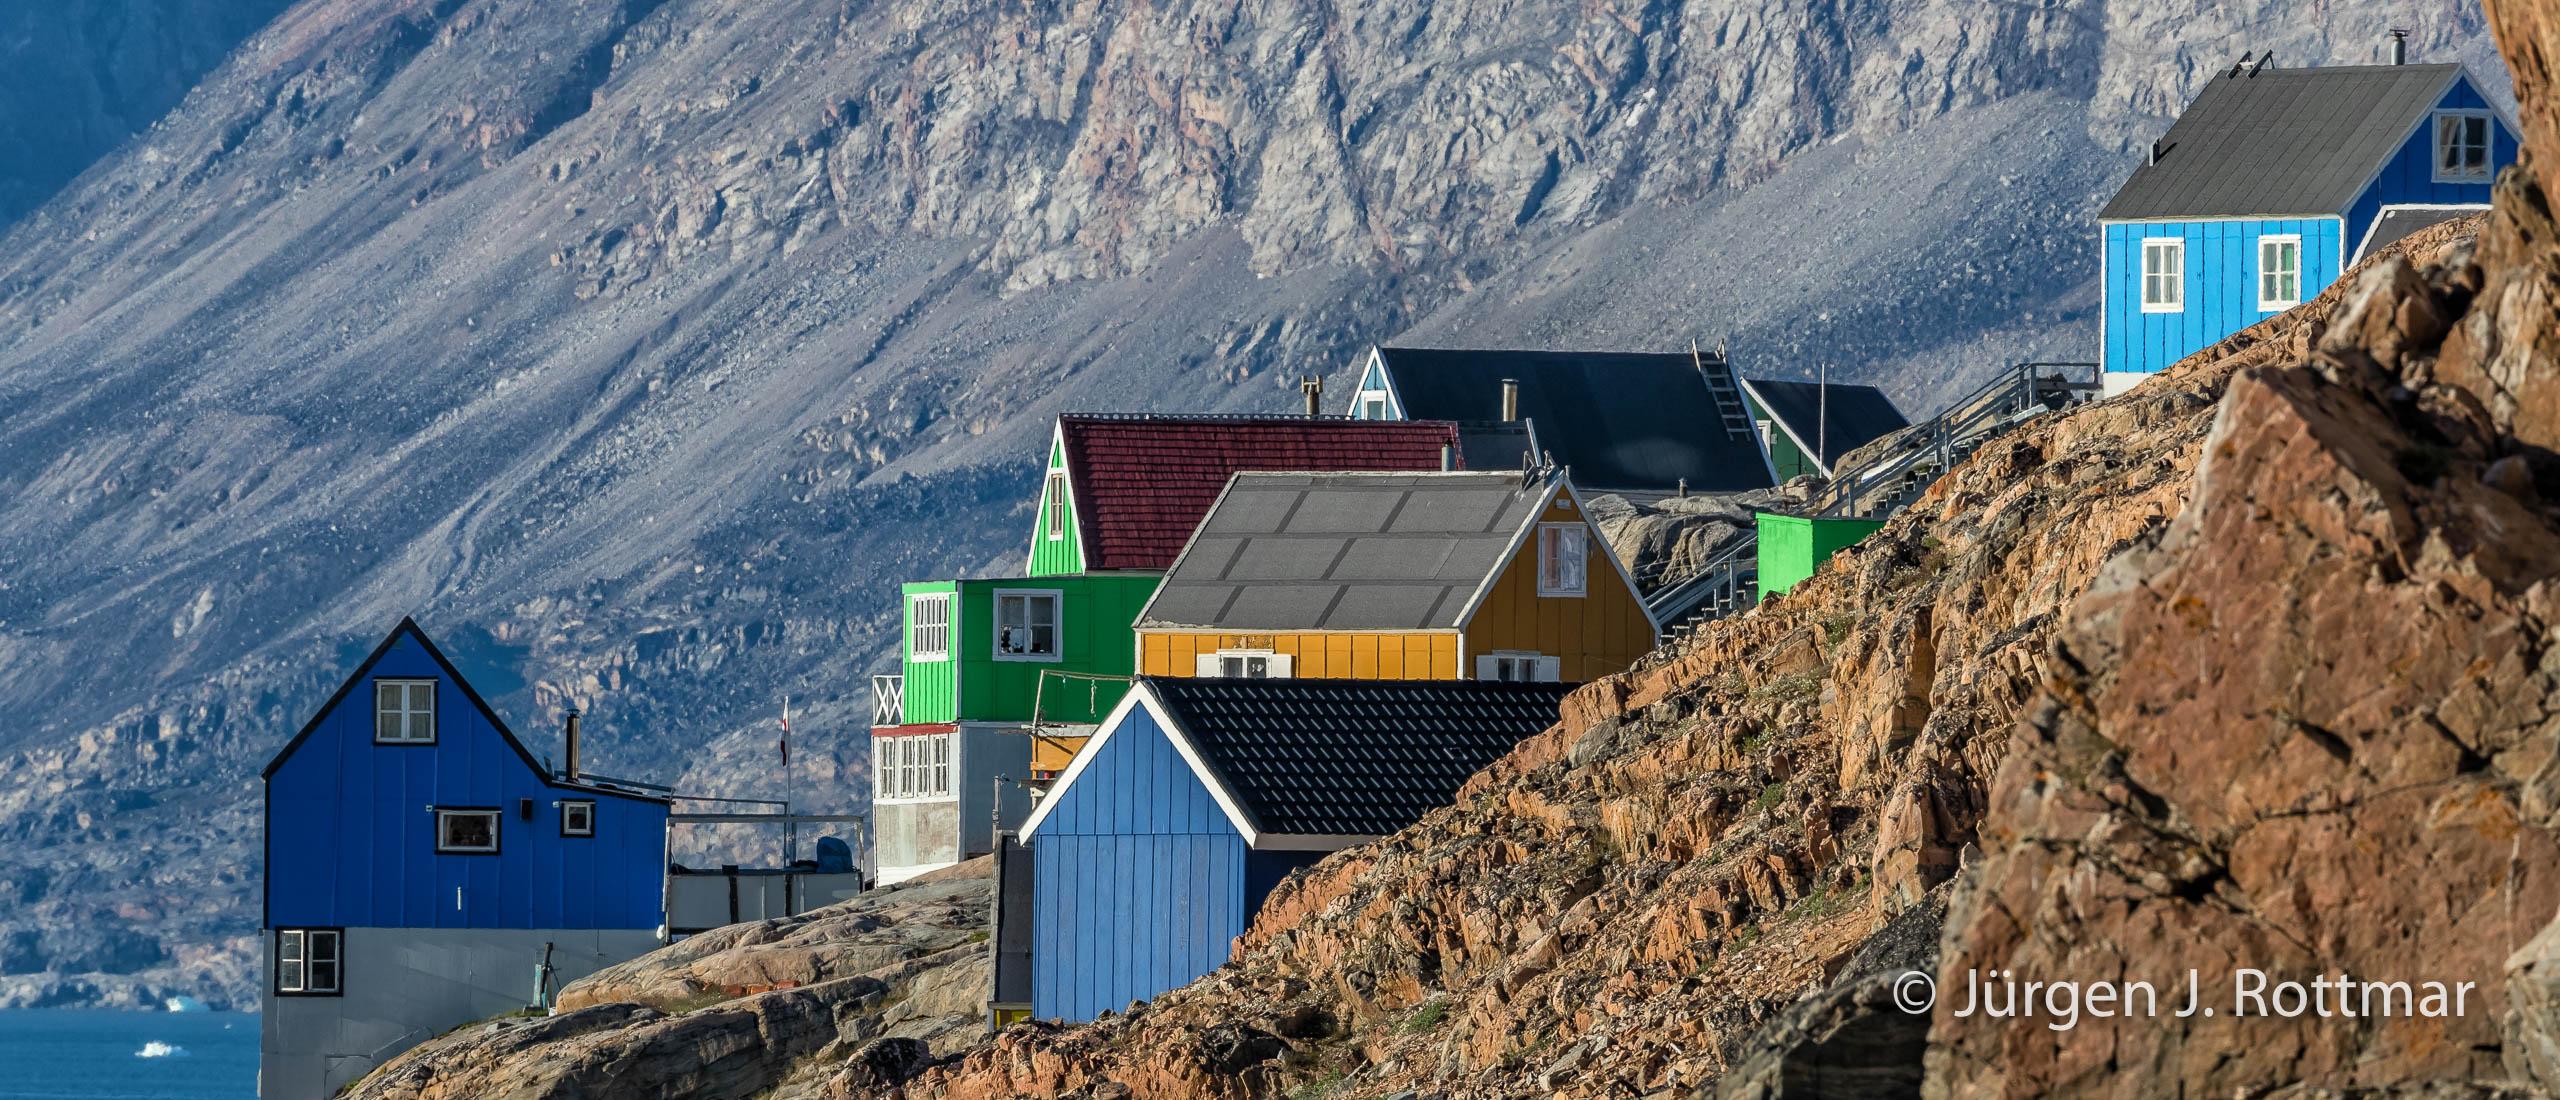 Juergen-J-Rottmar-Groenland-8_2018_MG_5141-Bearbeitet